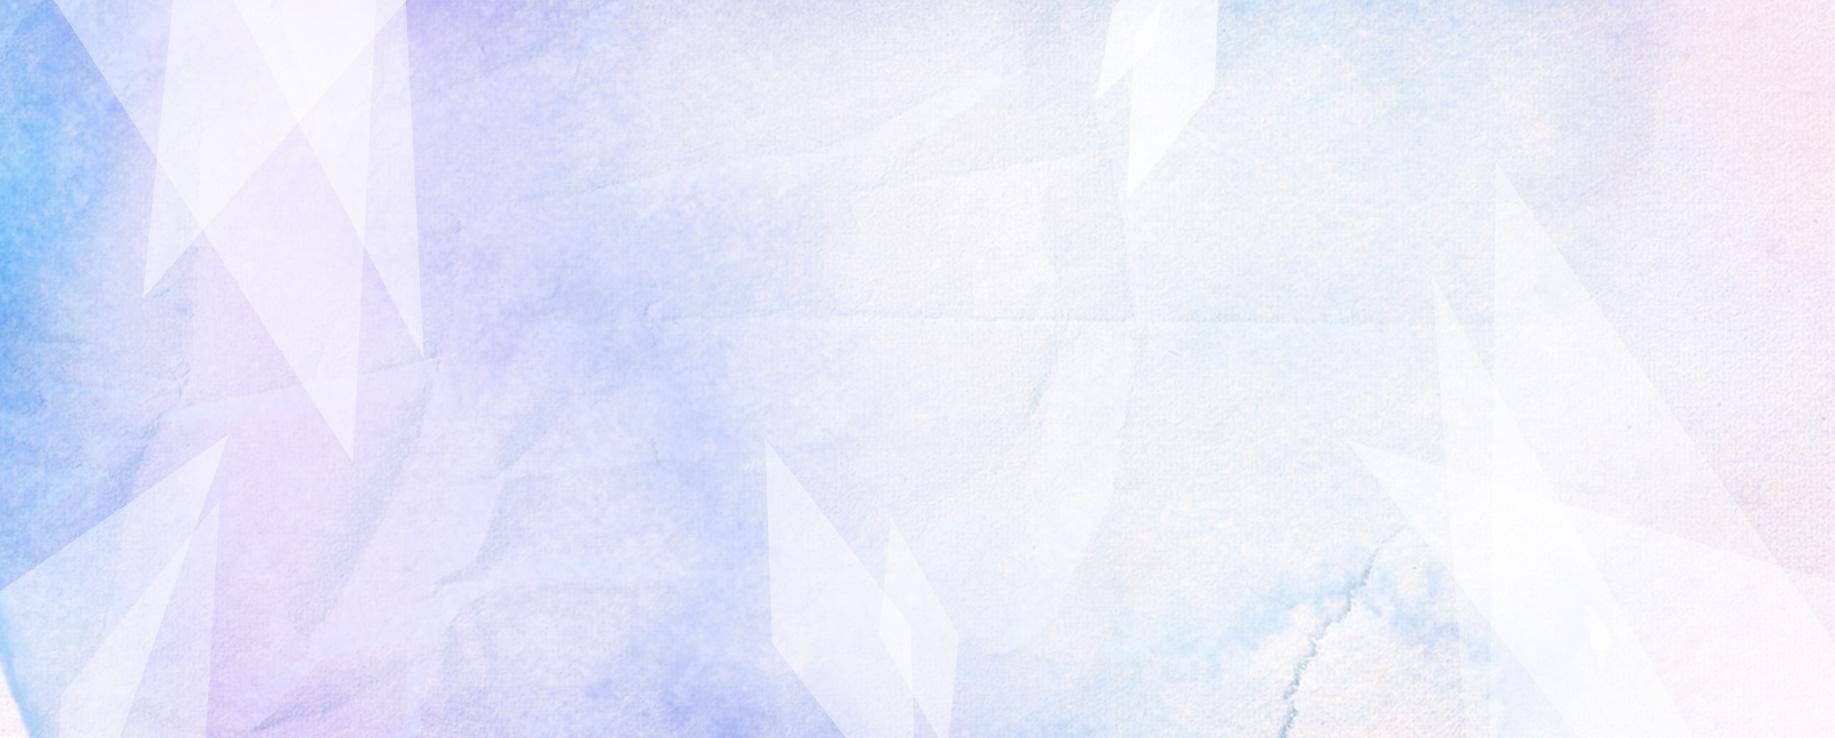 slider assuna soldes hiver 2017-background